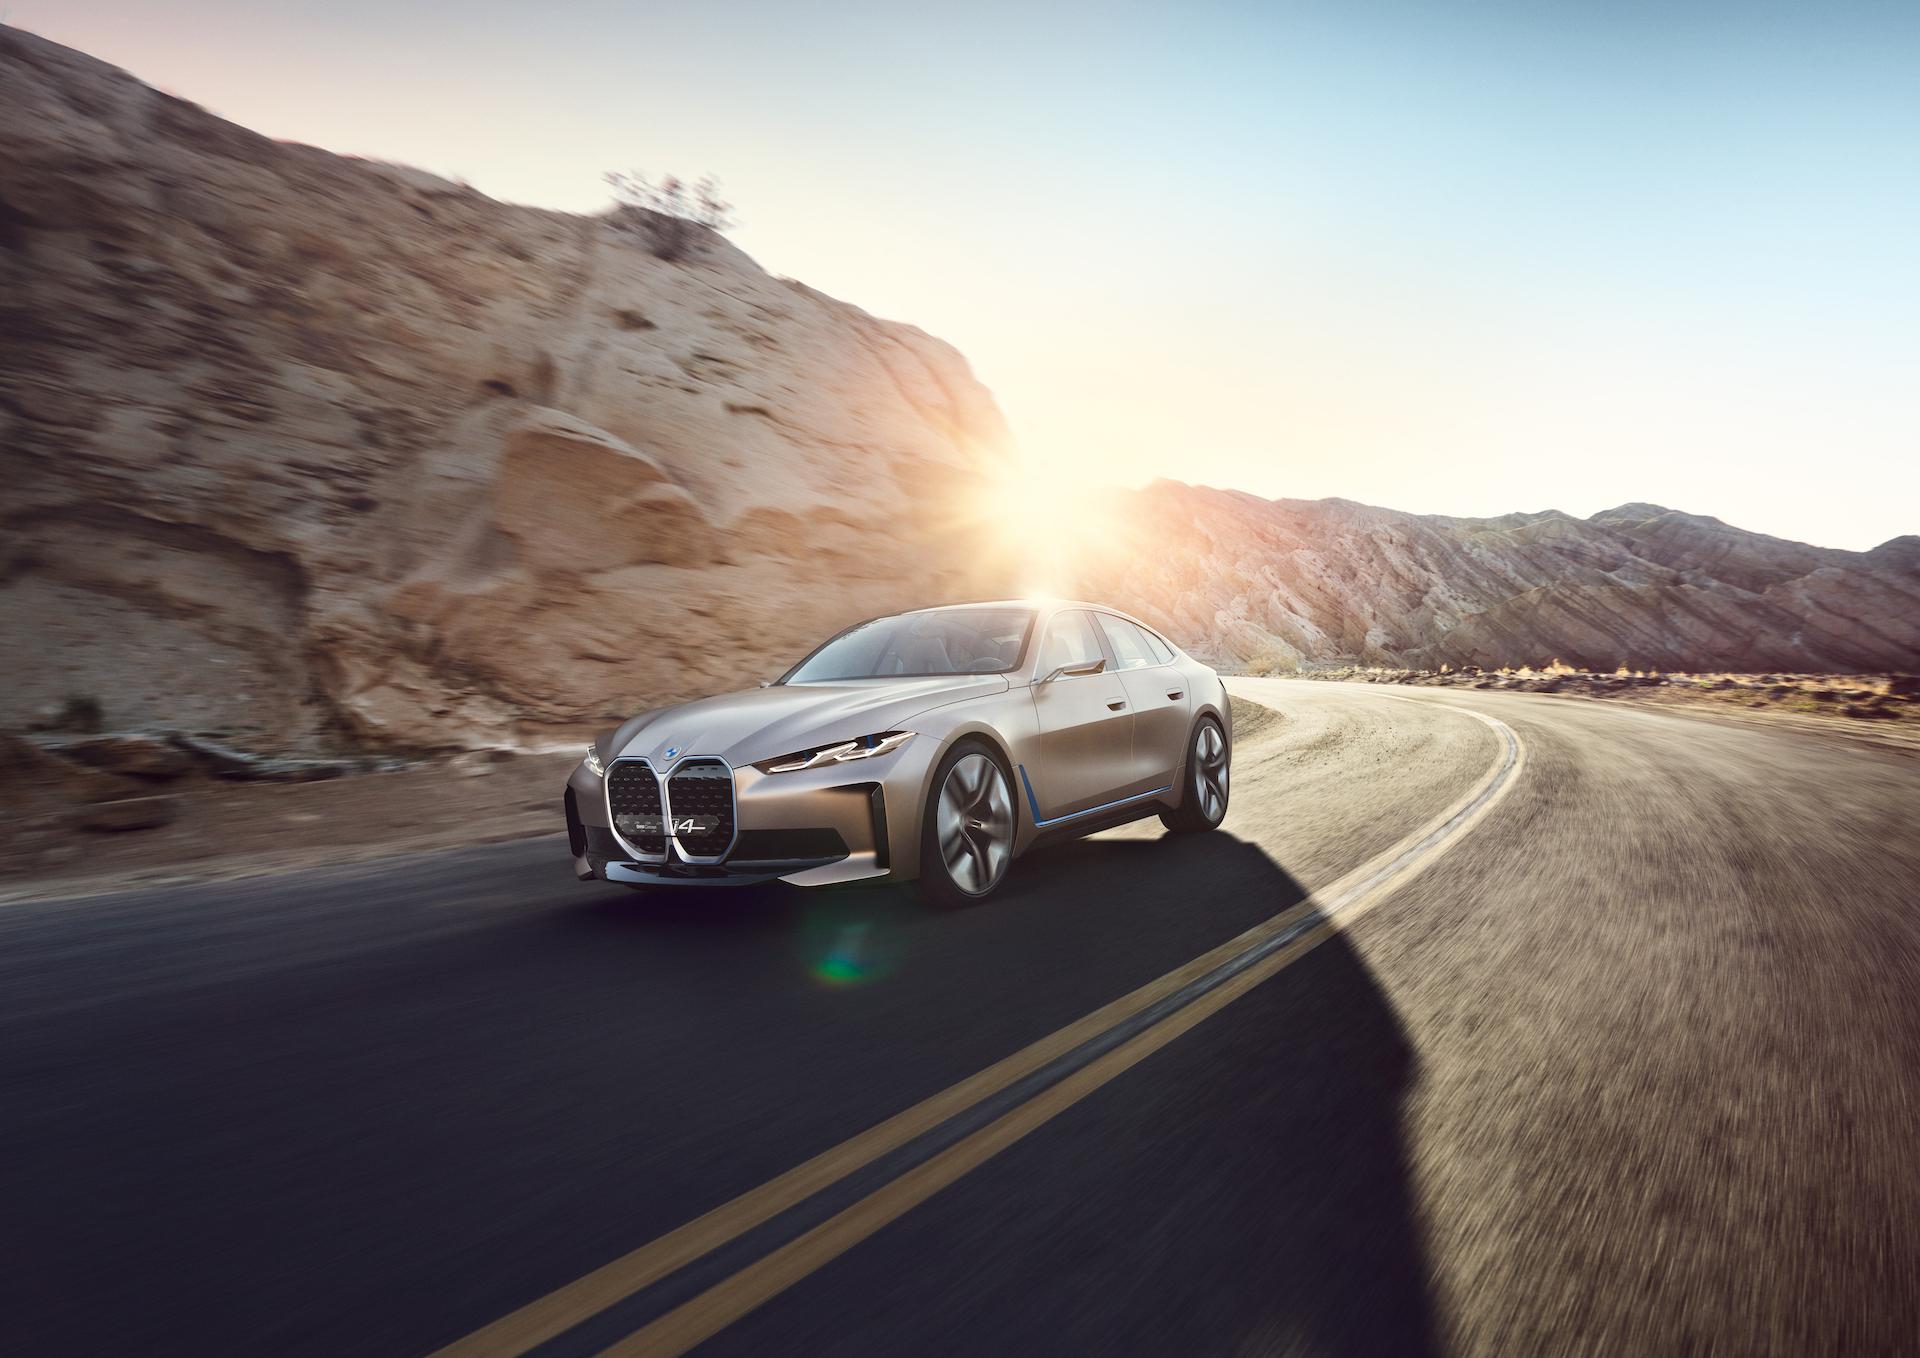 BMW stellt den neuen i4 vor: Ein Gran Coupé mit bis zu 530 PS und 600 km Reichweite 10